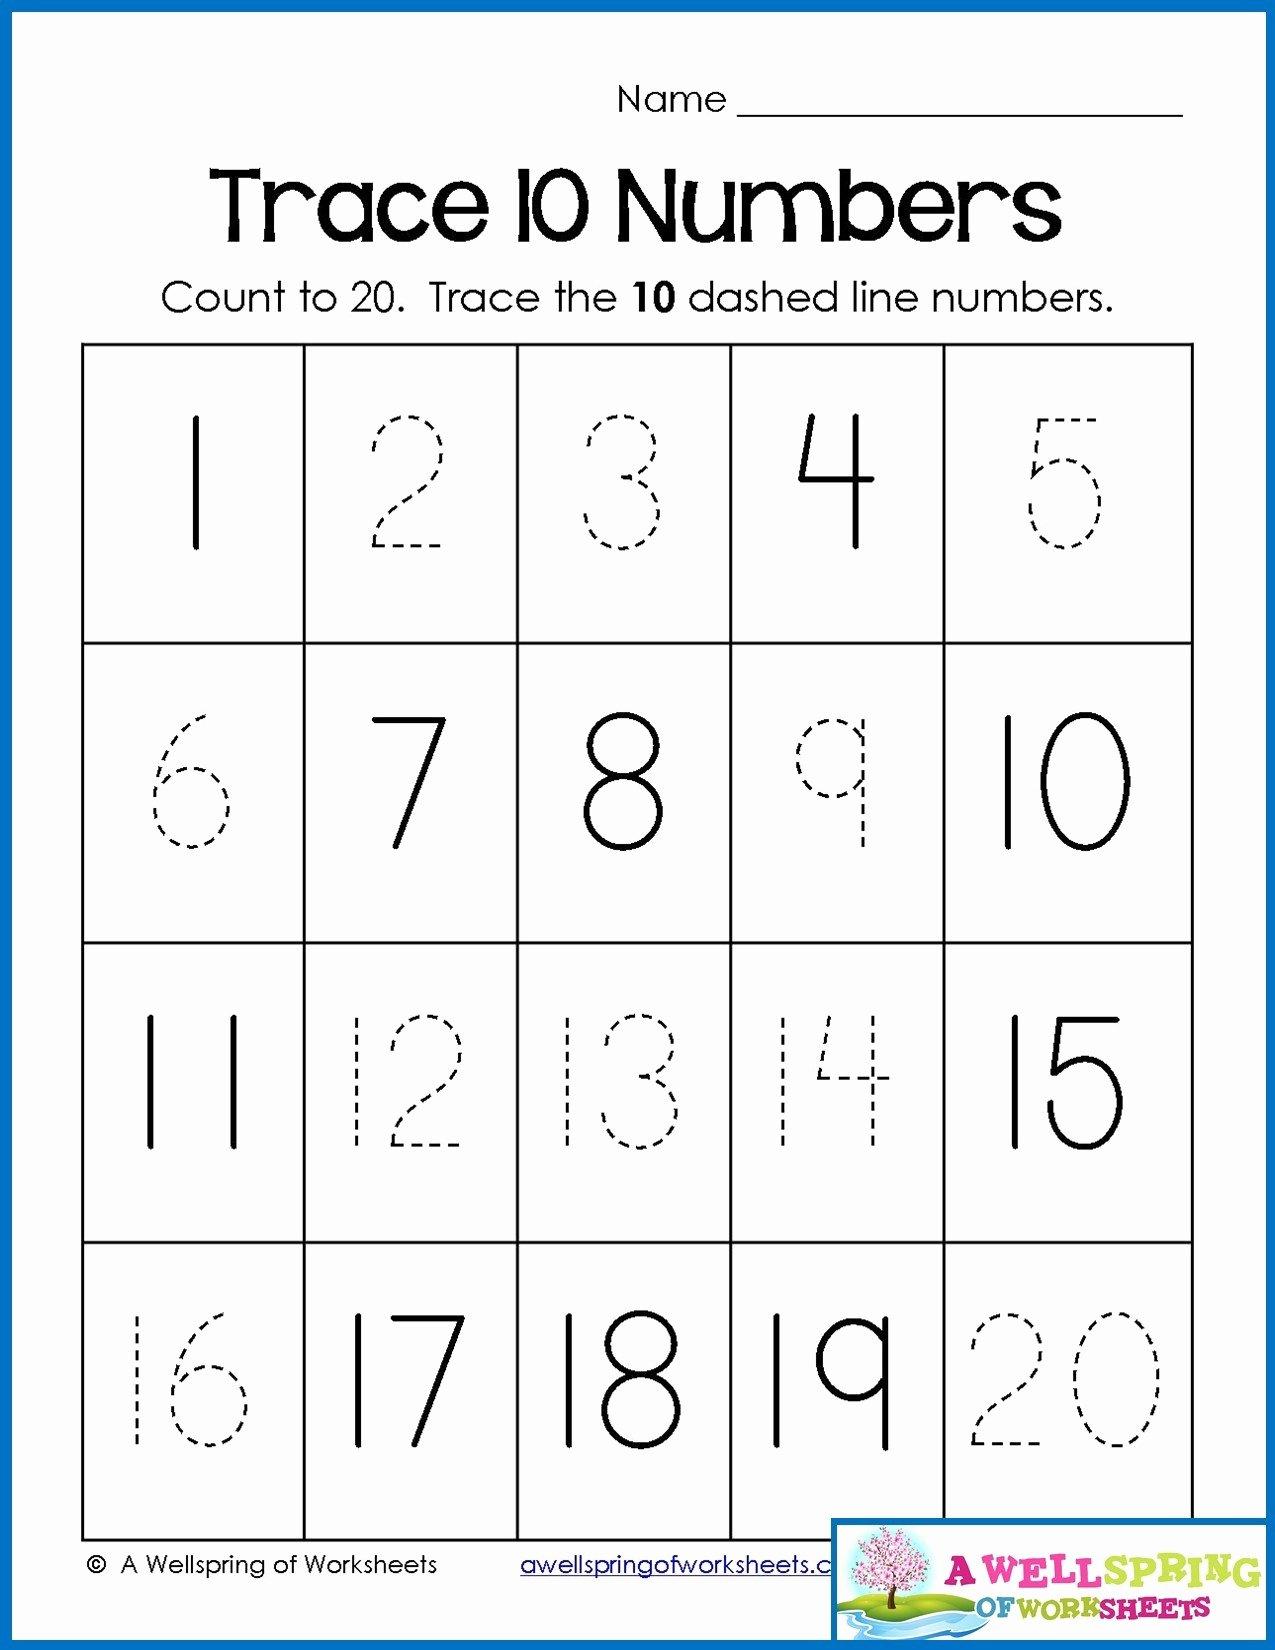 Number Worksheets for Preschoolers Printable Math Worksheet Number Worksheets for Preschool Christmas